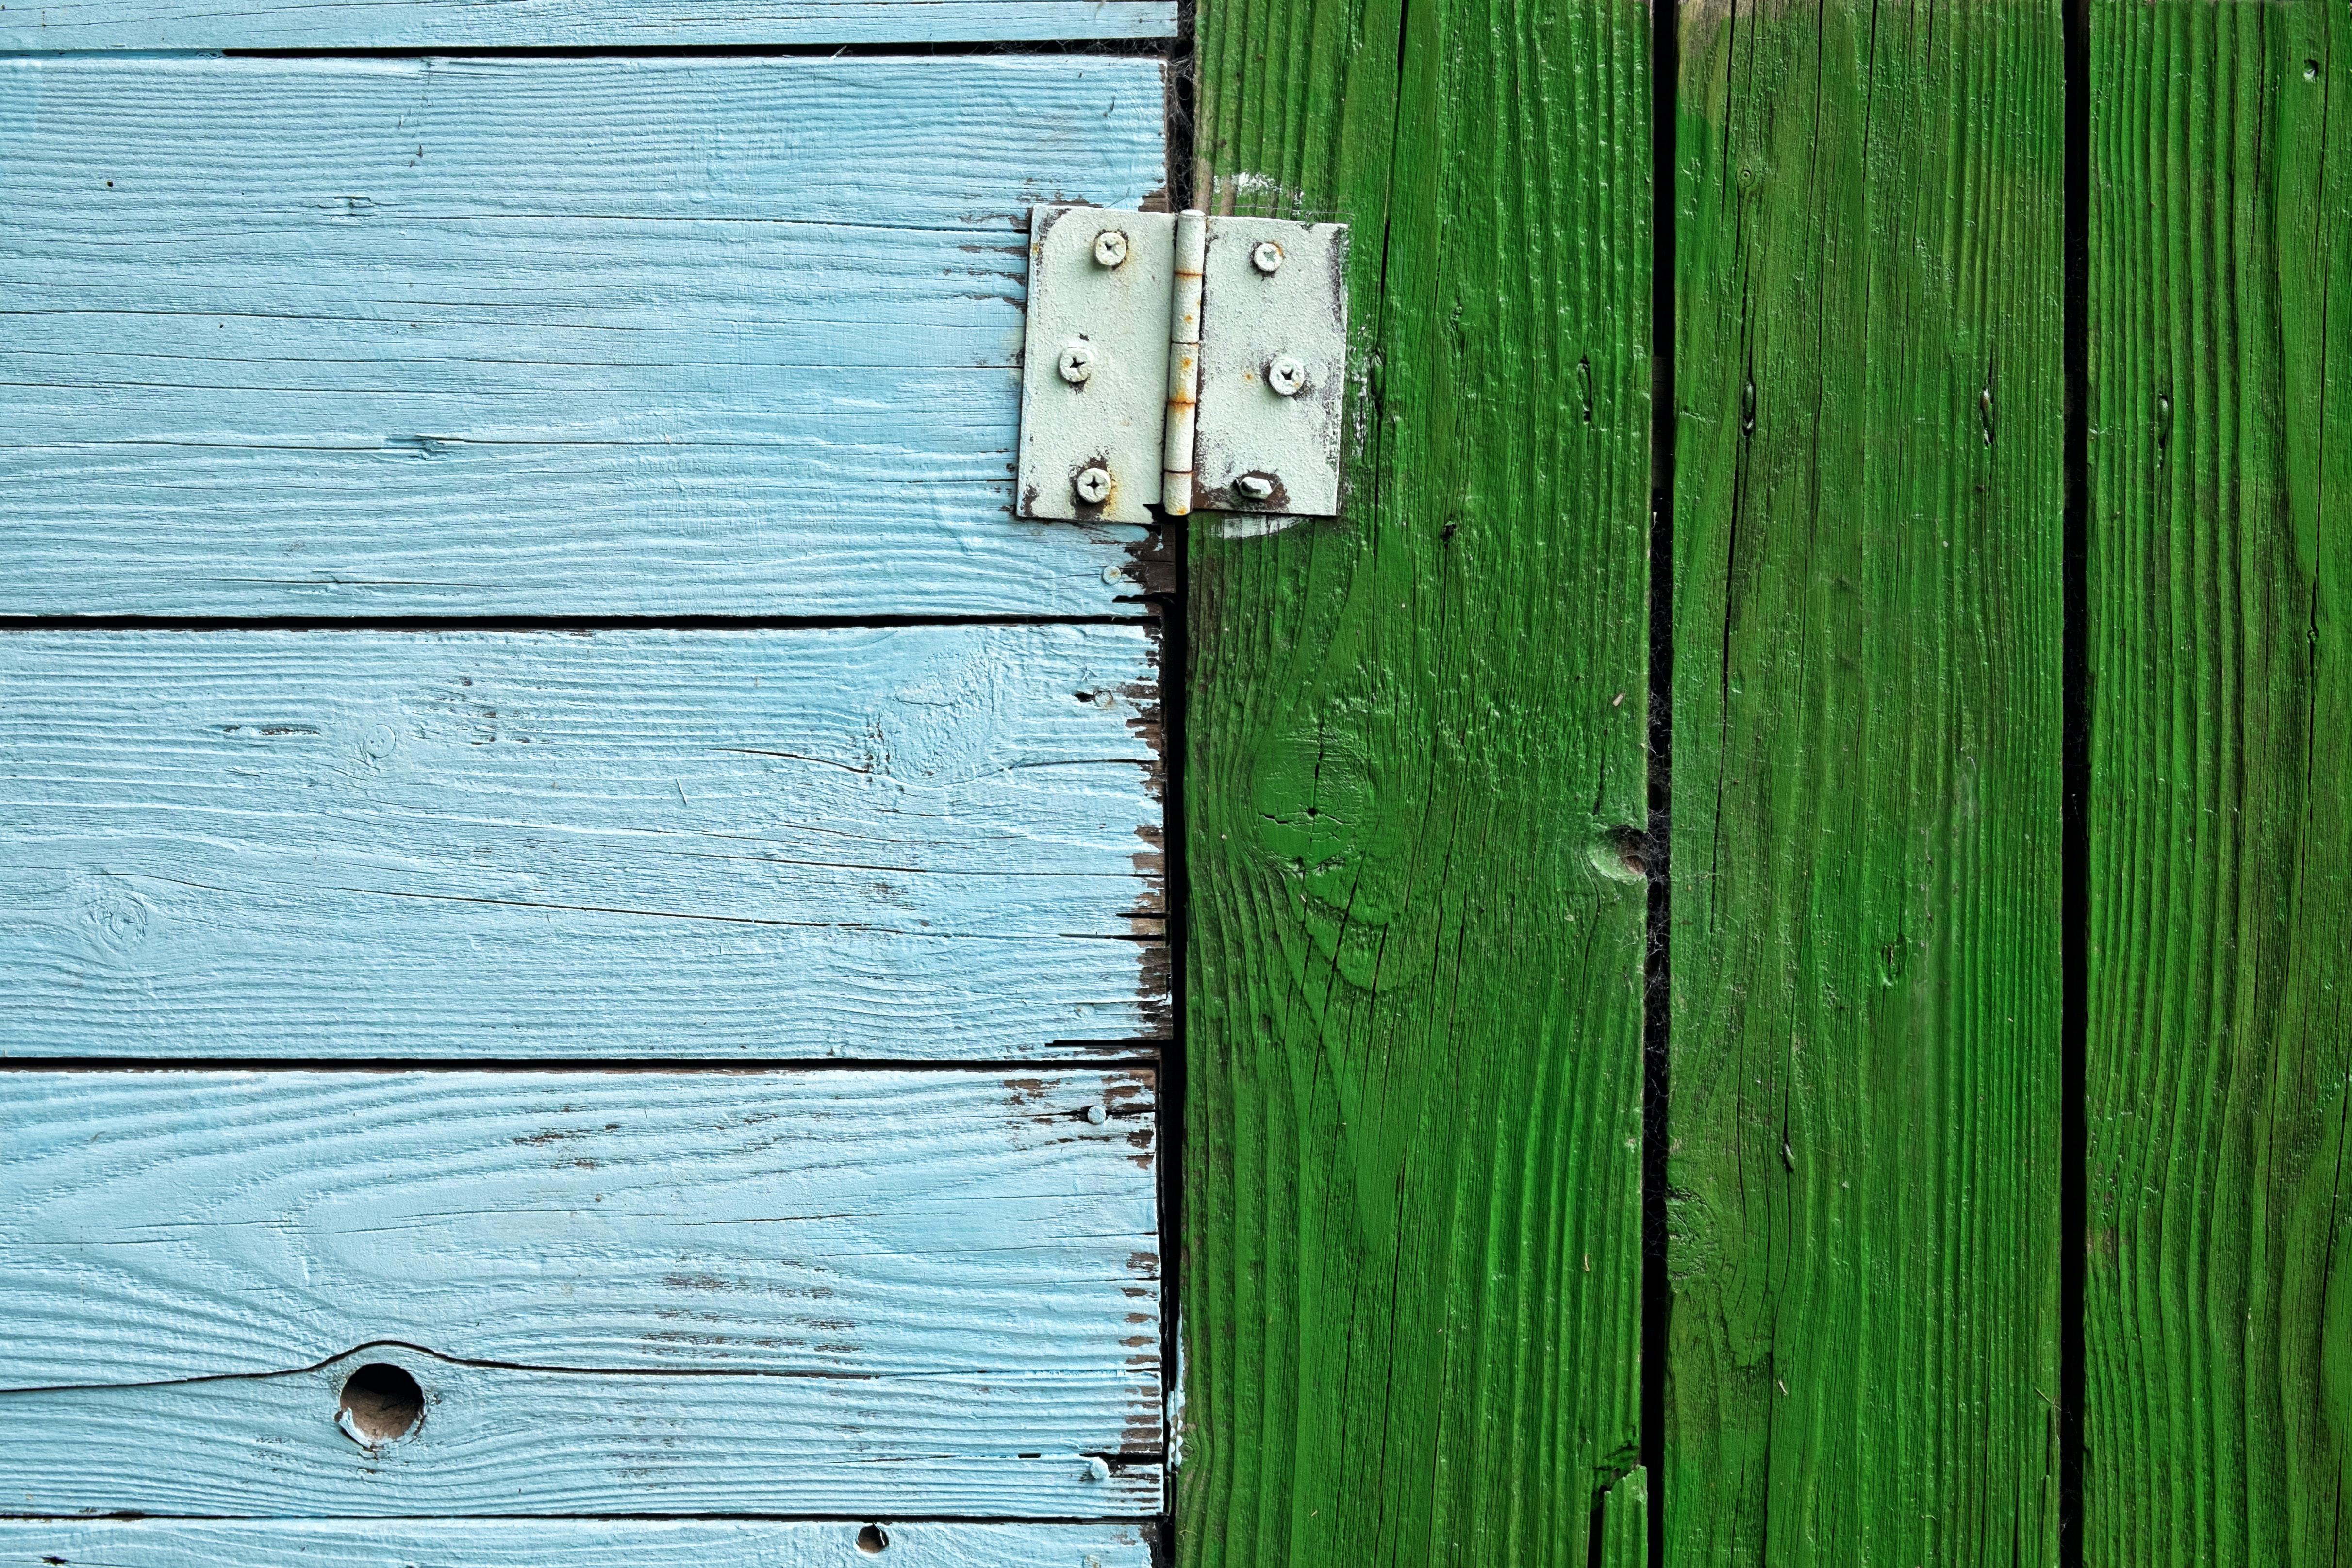 Holztueren scharnier symbolbild unterschied bewerbung wissenschaft und wirtschaft.745de45f249cd3e044a59359e97b81679